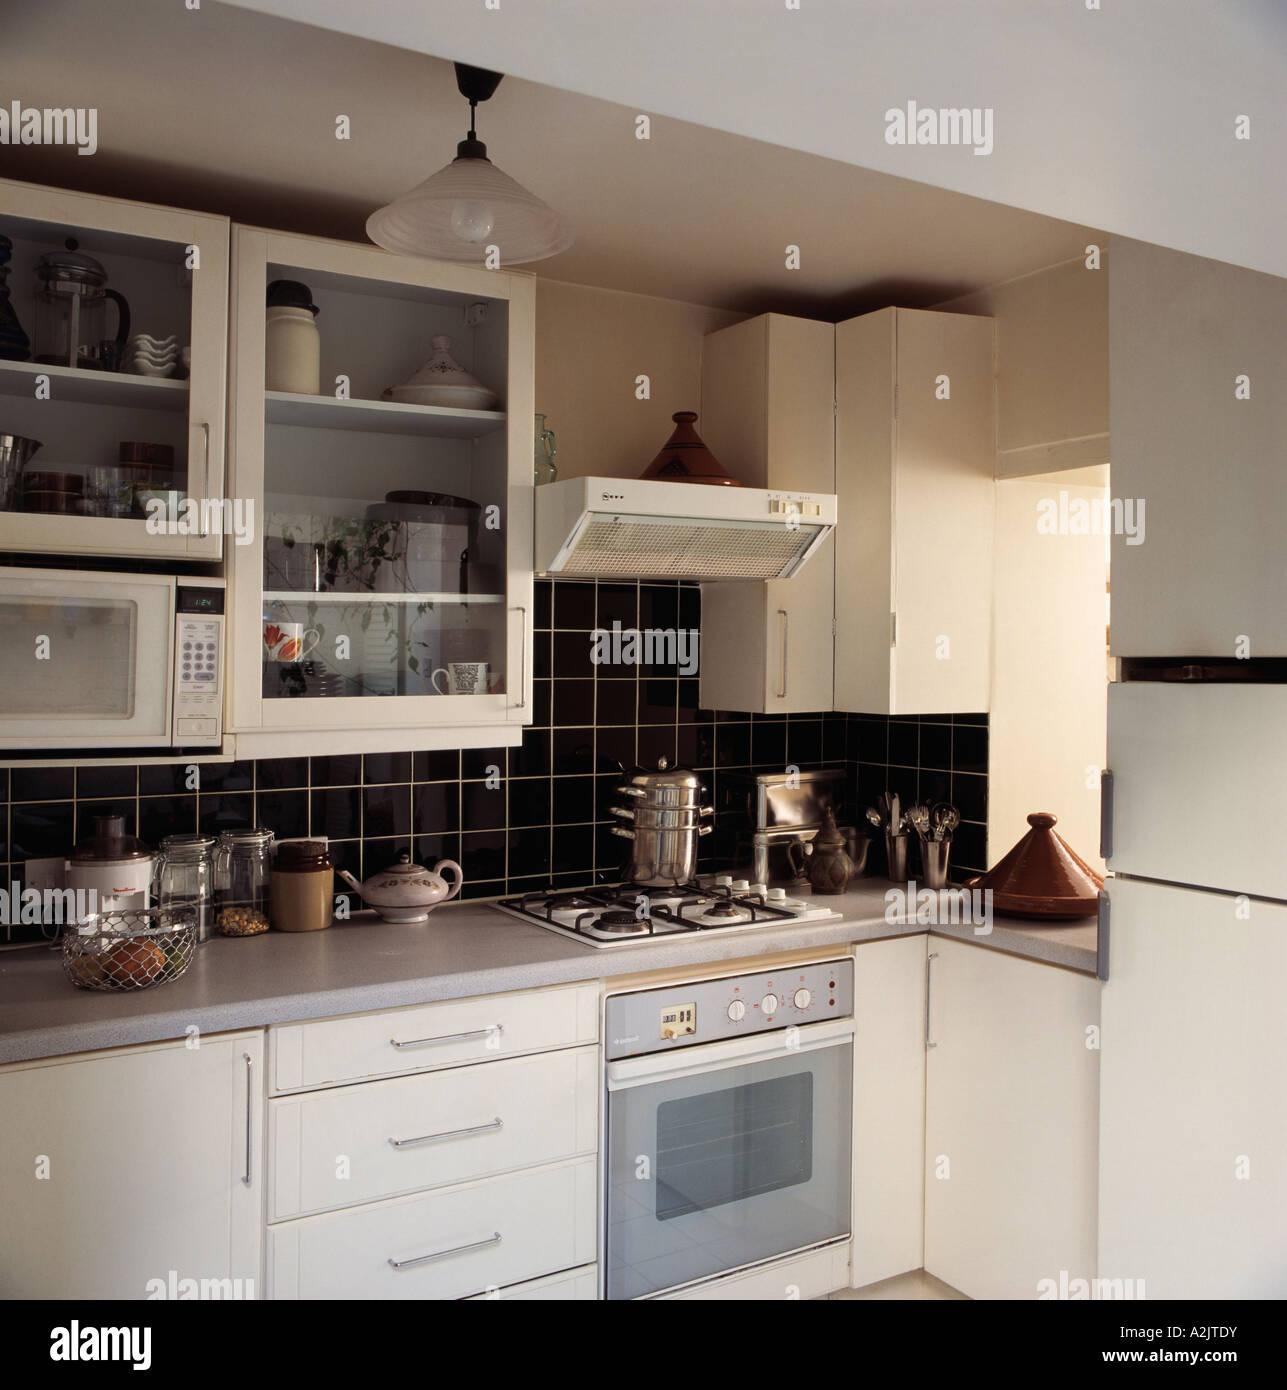 Ansprechend Kleine Moderne Küche Beste Wahl Graue Küche Mit Backofen